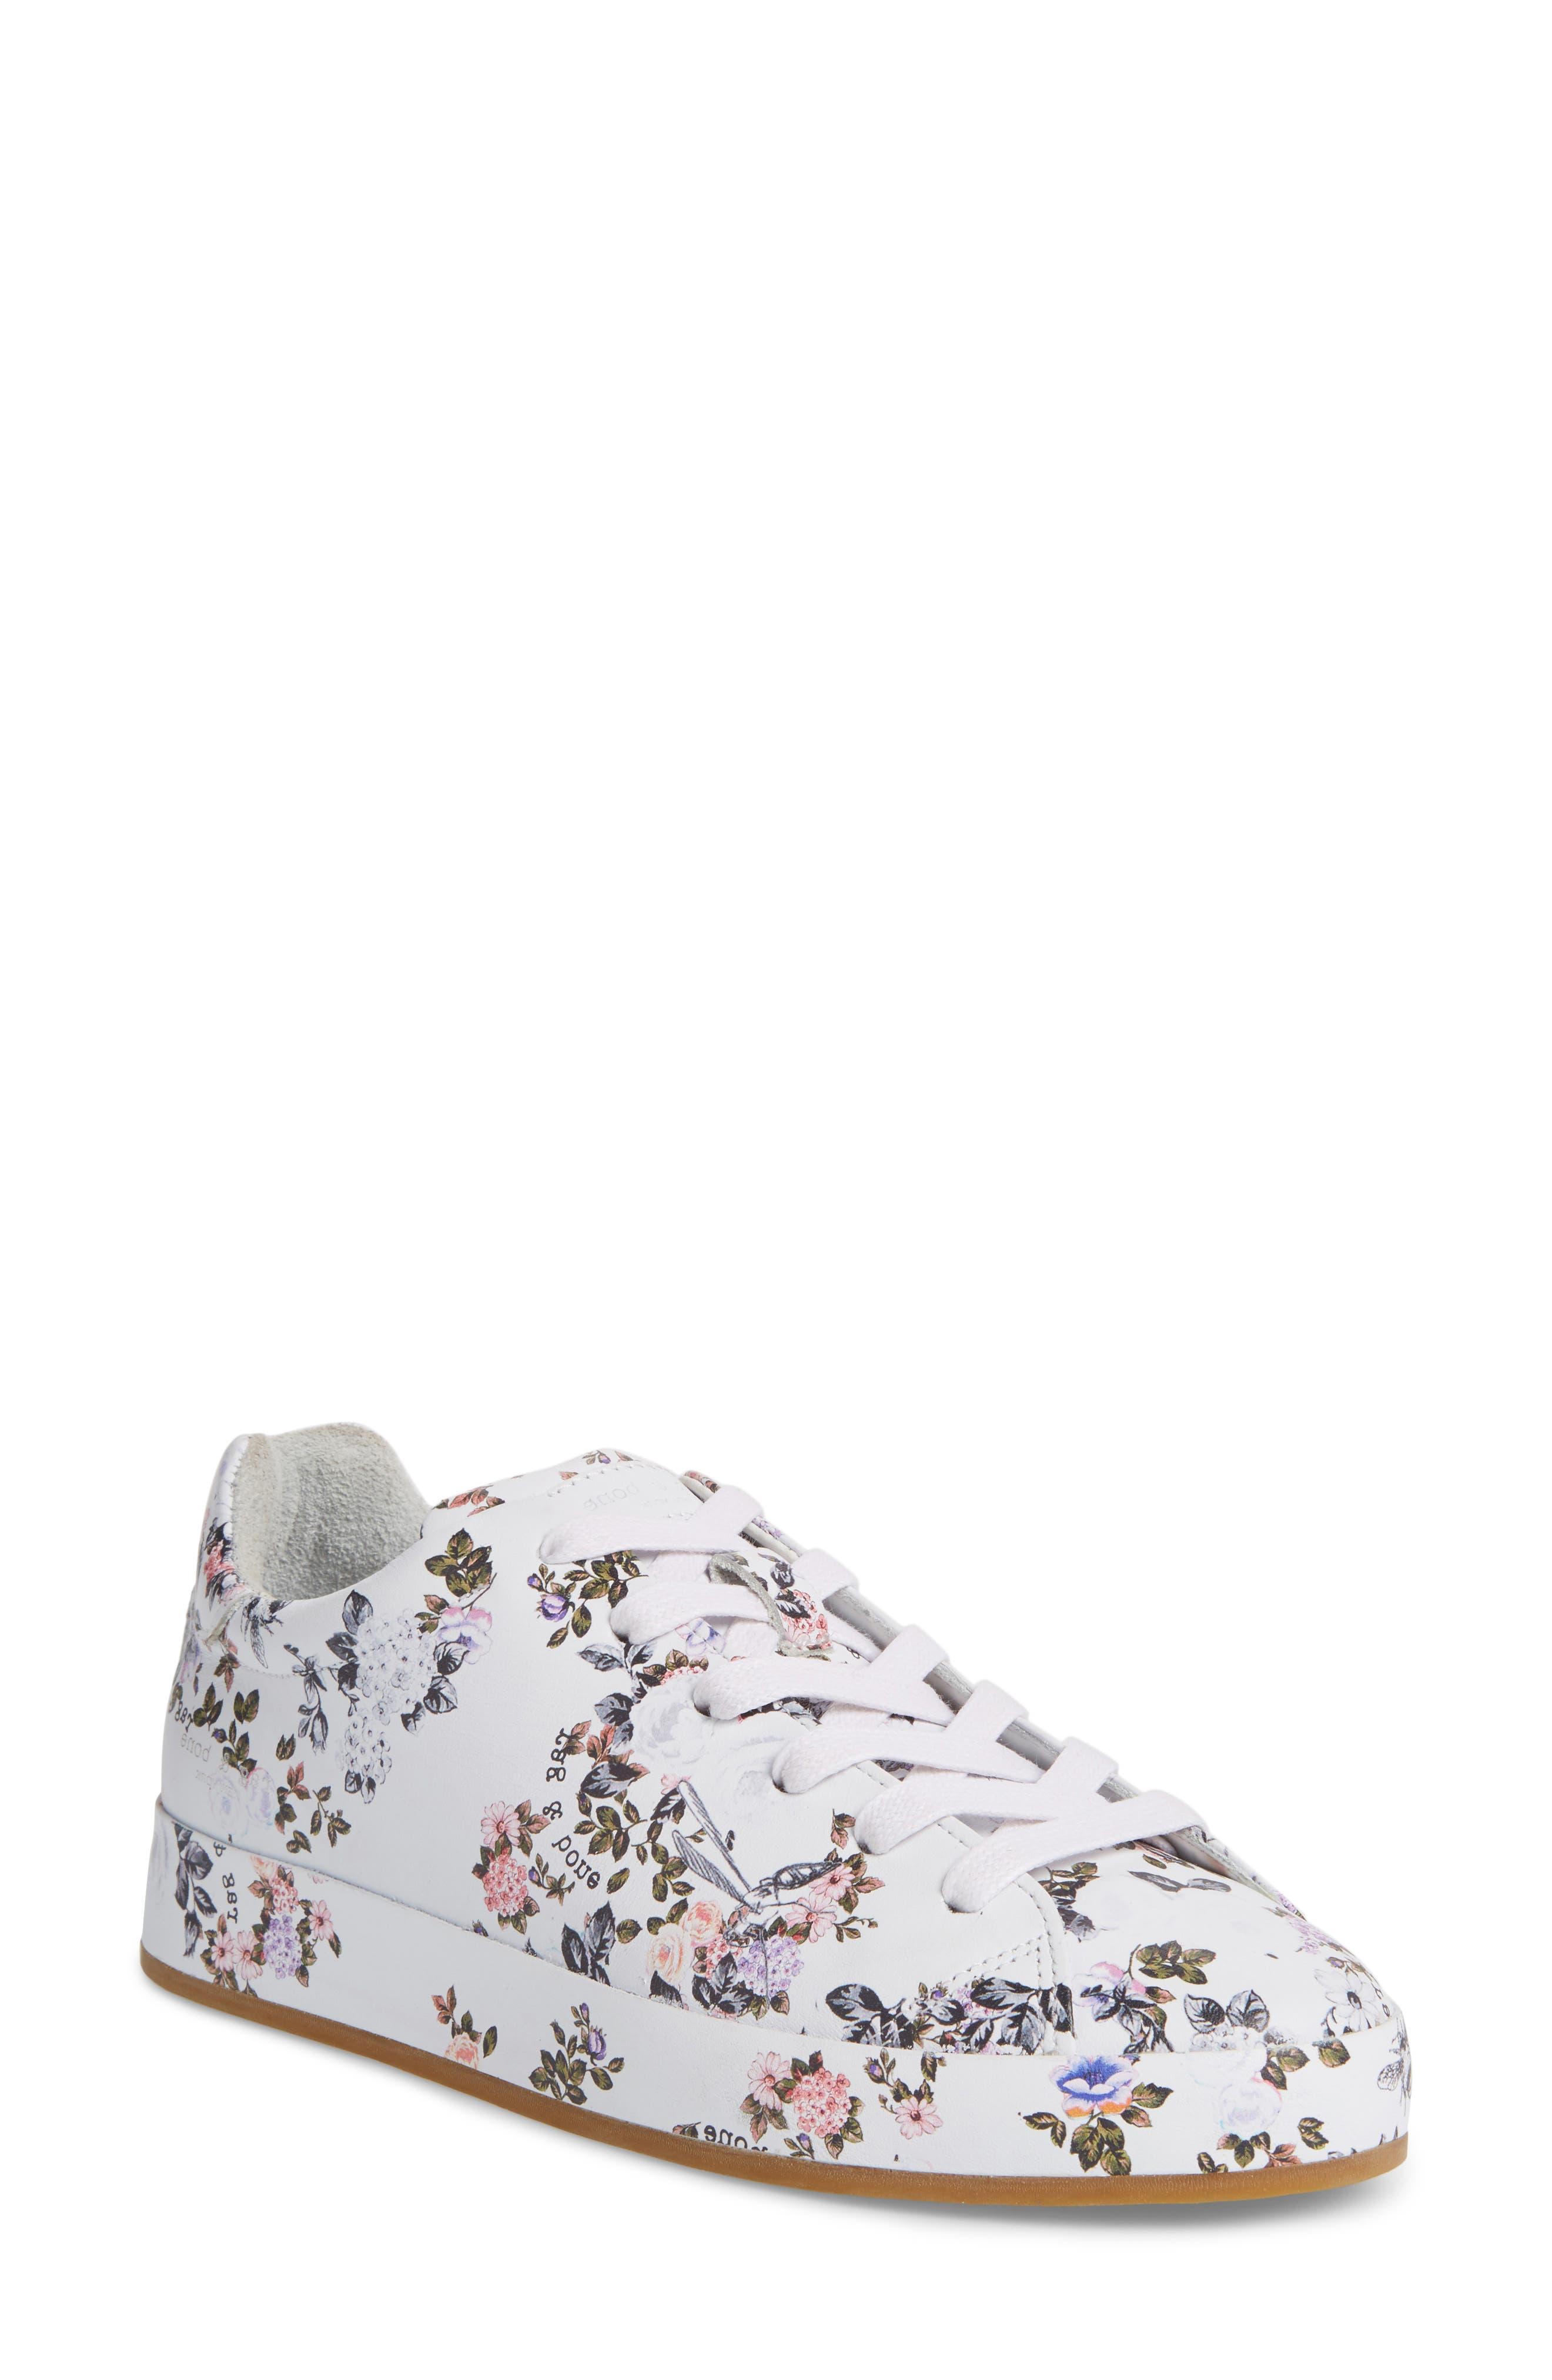 RB1 Low-Top Sneaker,                         Main,                         color, Garden Florl